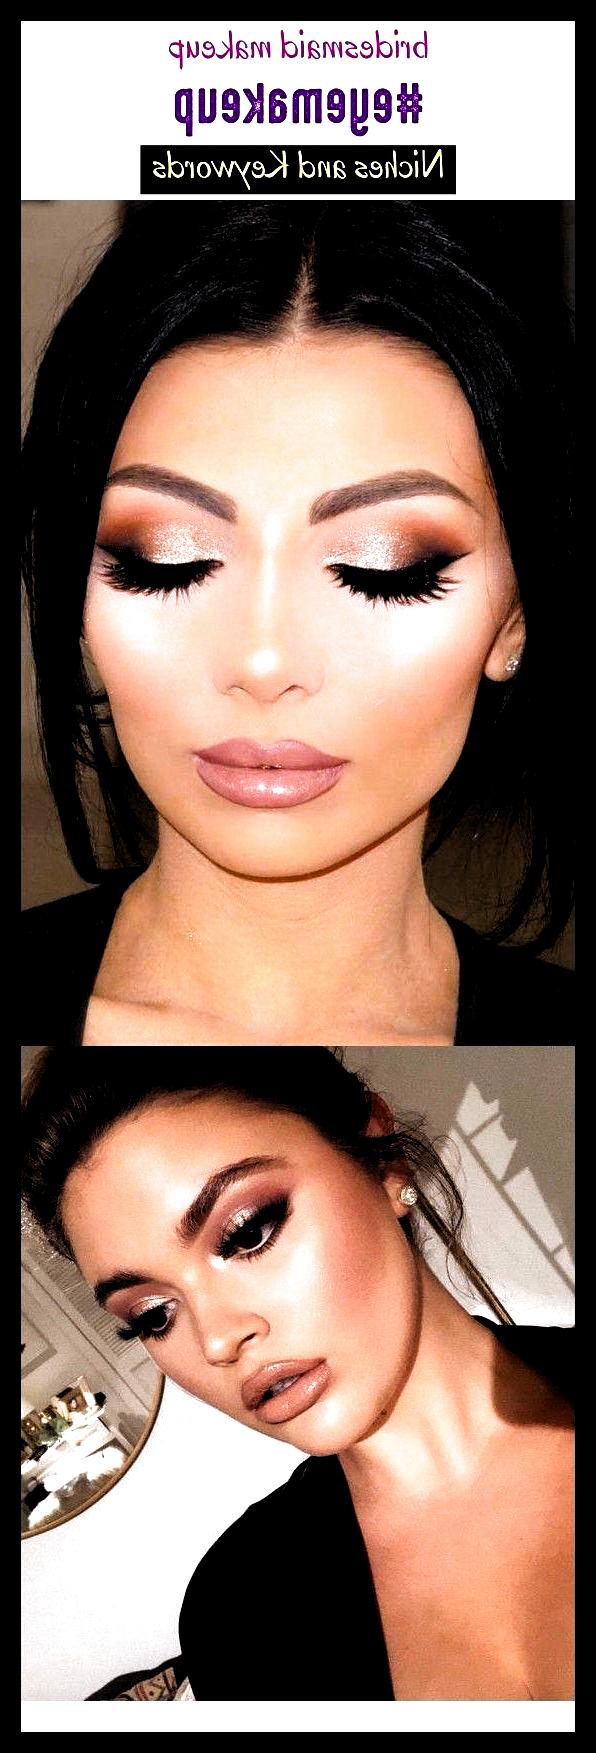 Bridesmaid makeup #Eye make up #seoforpinterest #SEO #trending, Makeup products, natural makeup, makeup tutorial, makeup step by step, makeup tips, ma...#bridesmaid #eye #makeup #natural #products #seo #seoforpinterest #step #tips #trending #tutorial